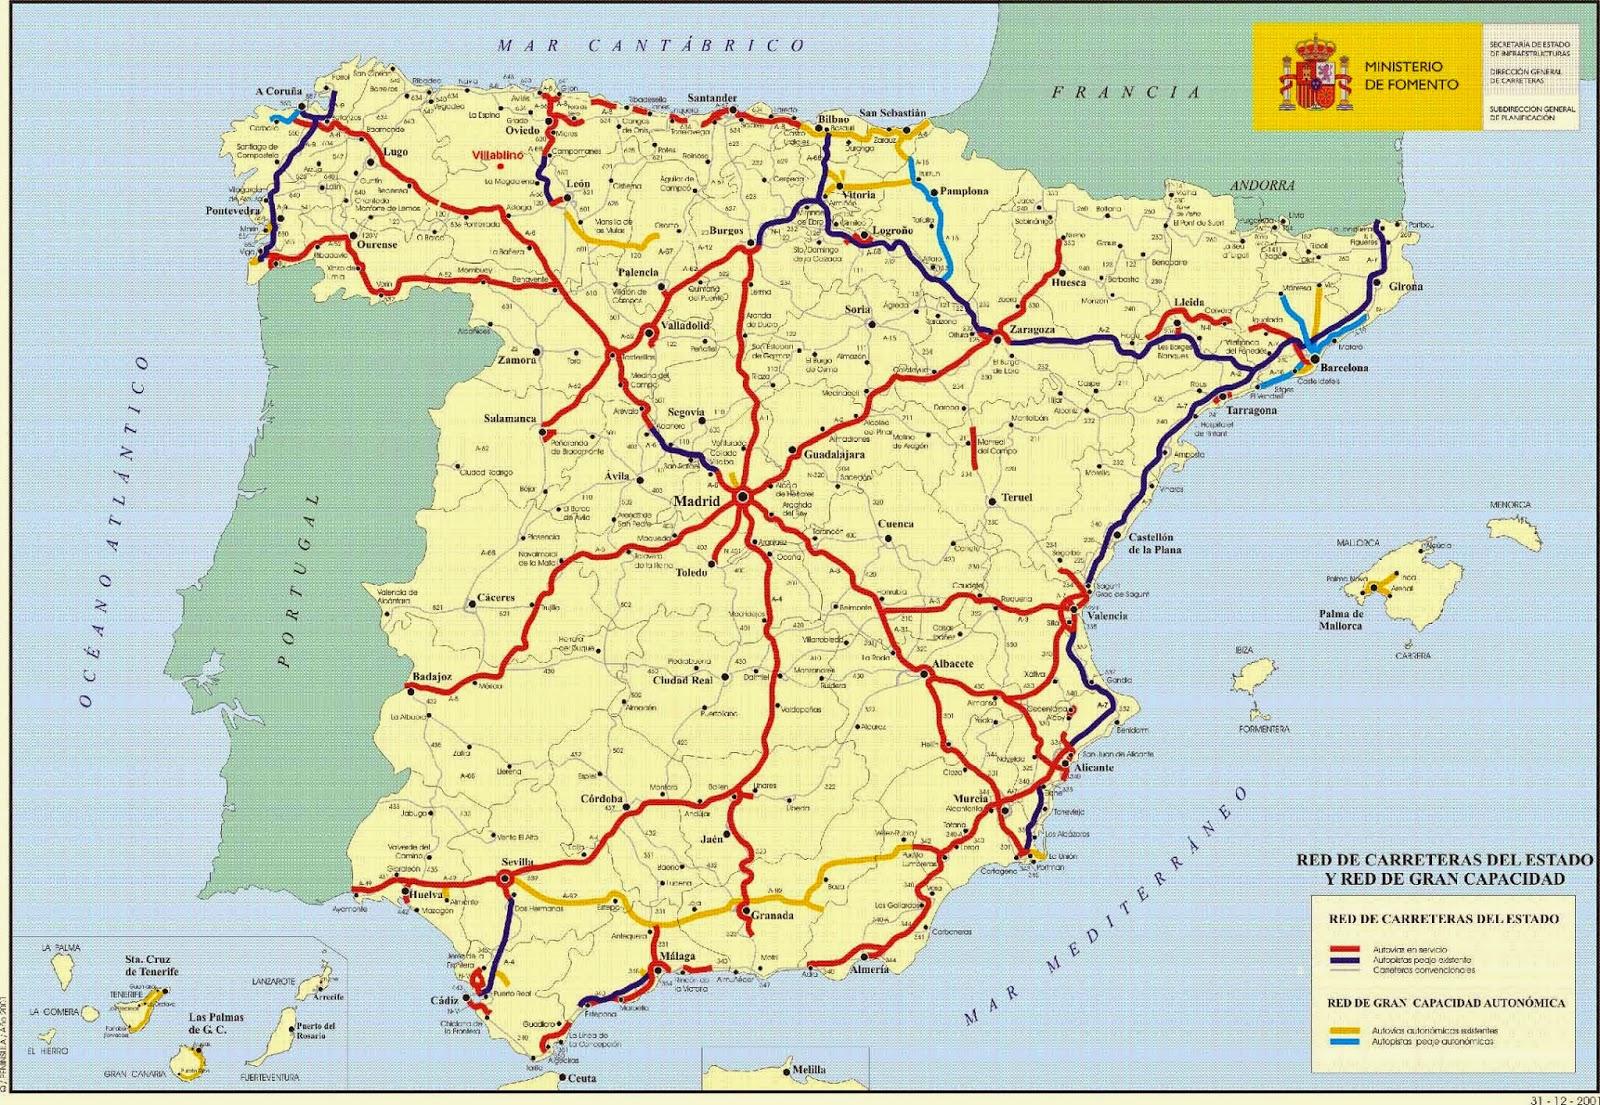 ConectandoEduca: Comentario del mapa de la red de carreteras de